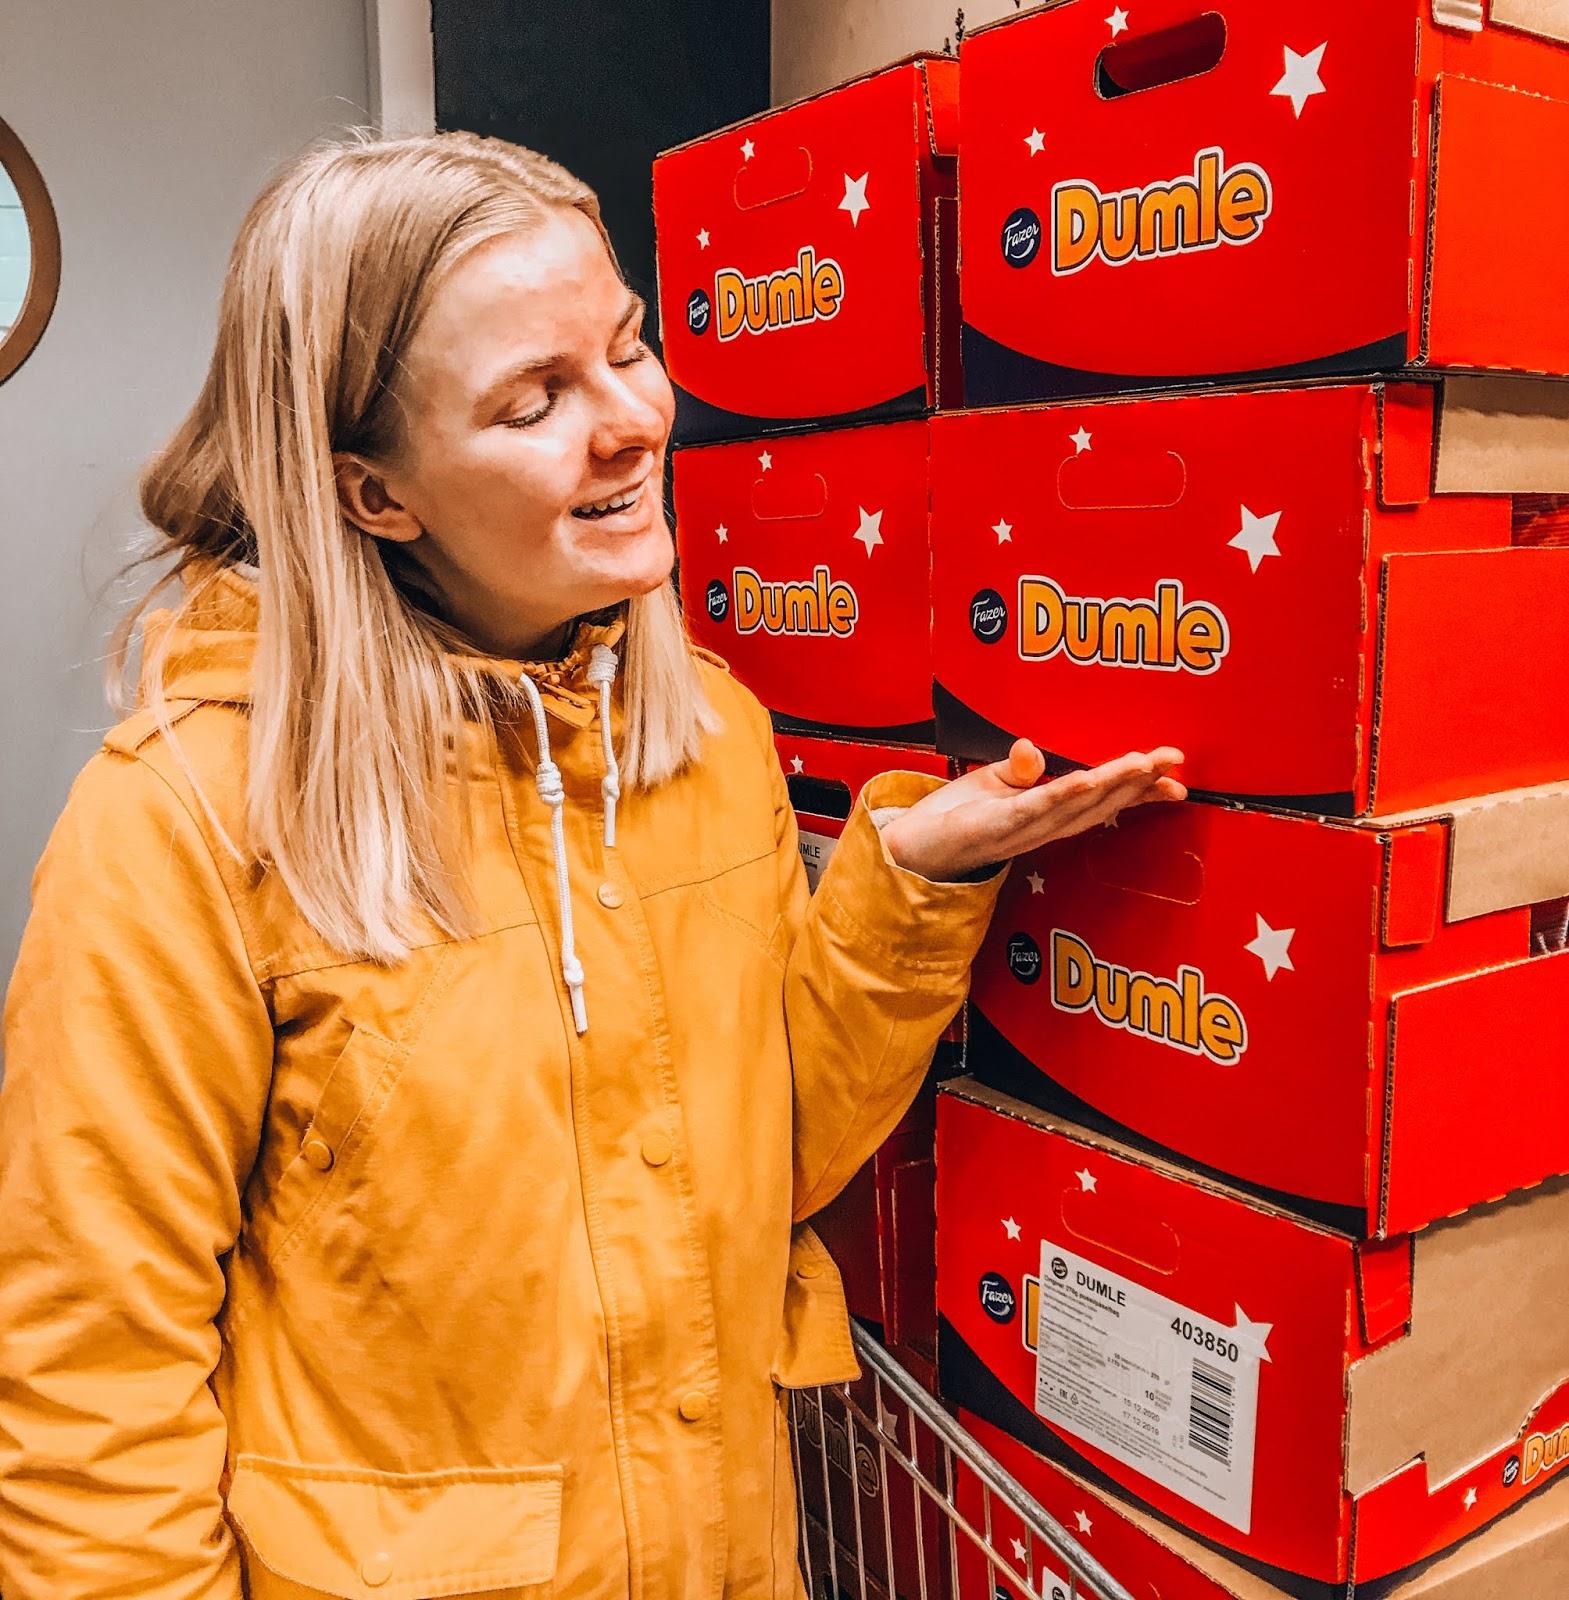 DUMLE SUOMI IKEA ANNA TWENTY SEVEN